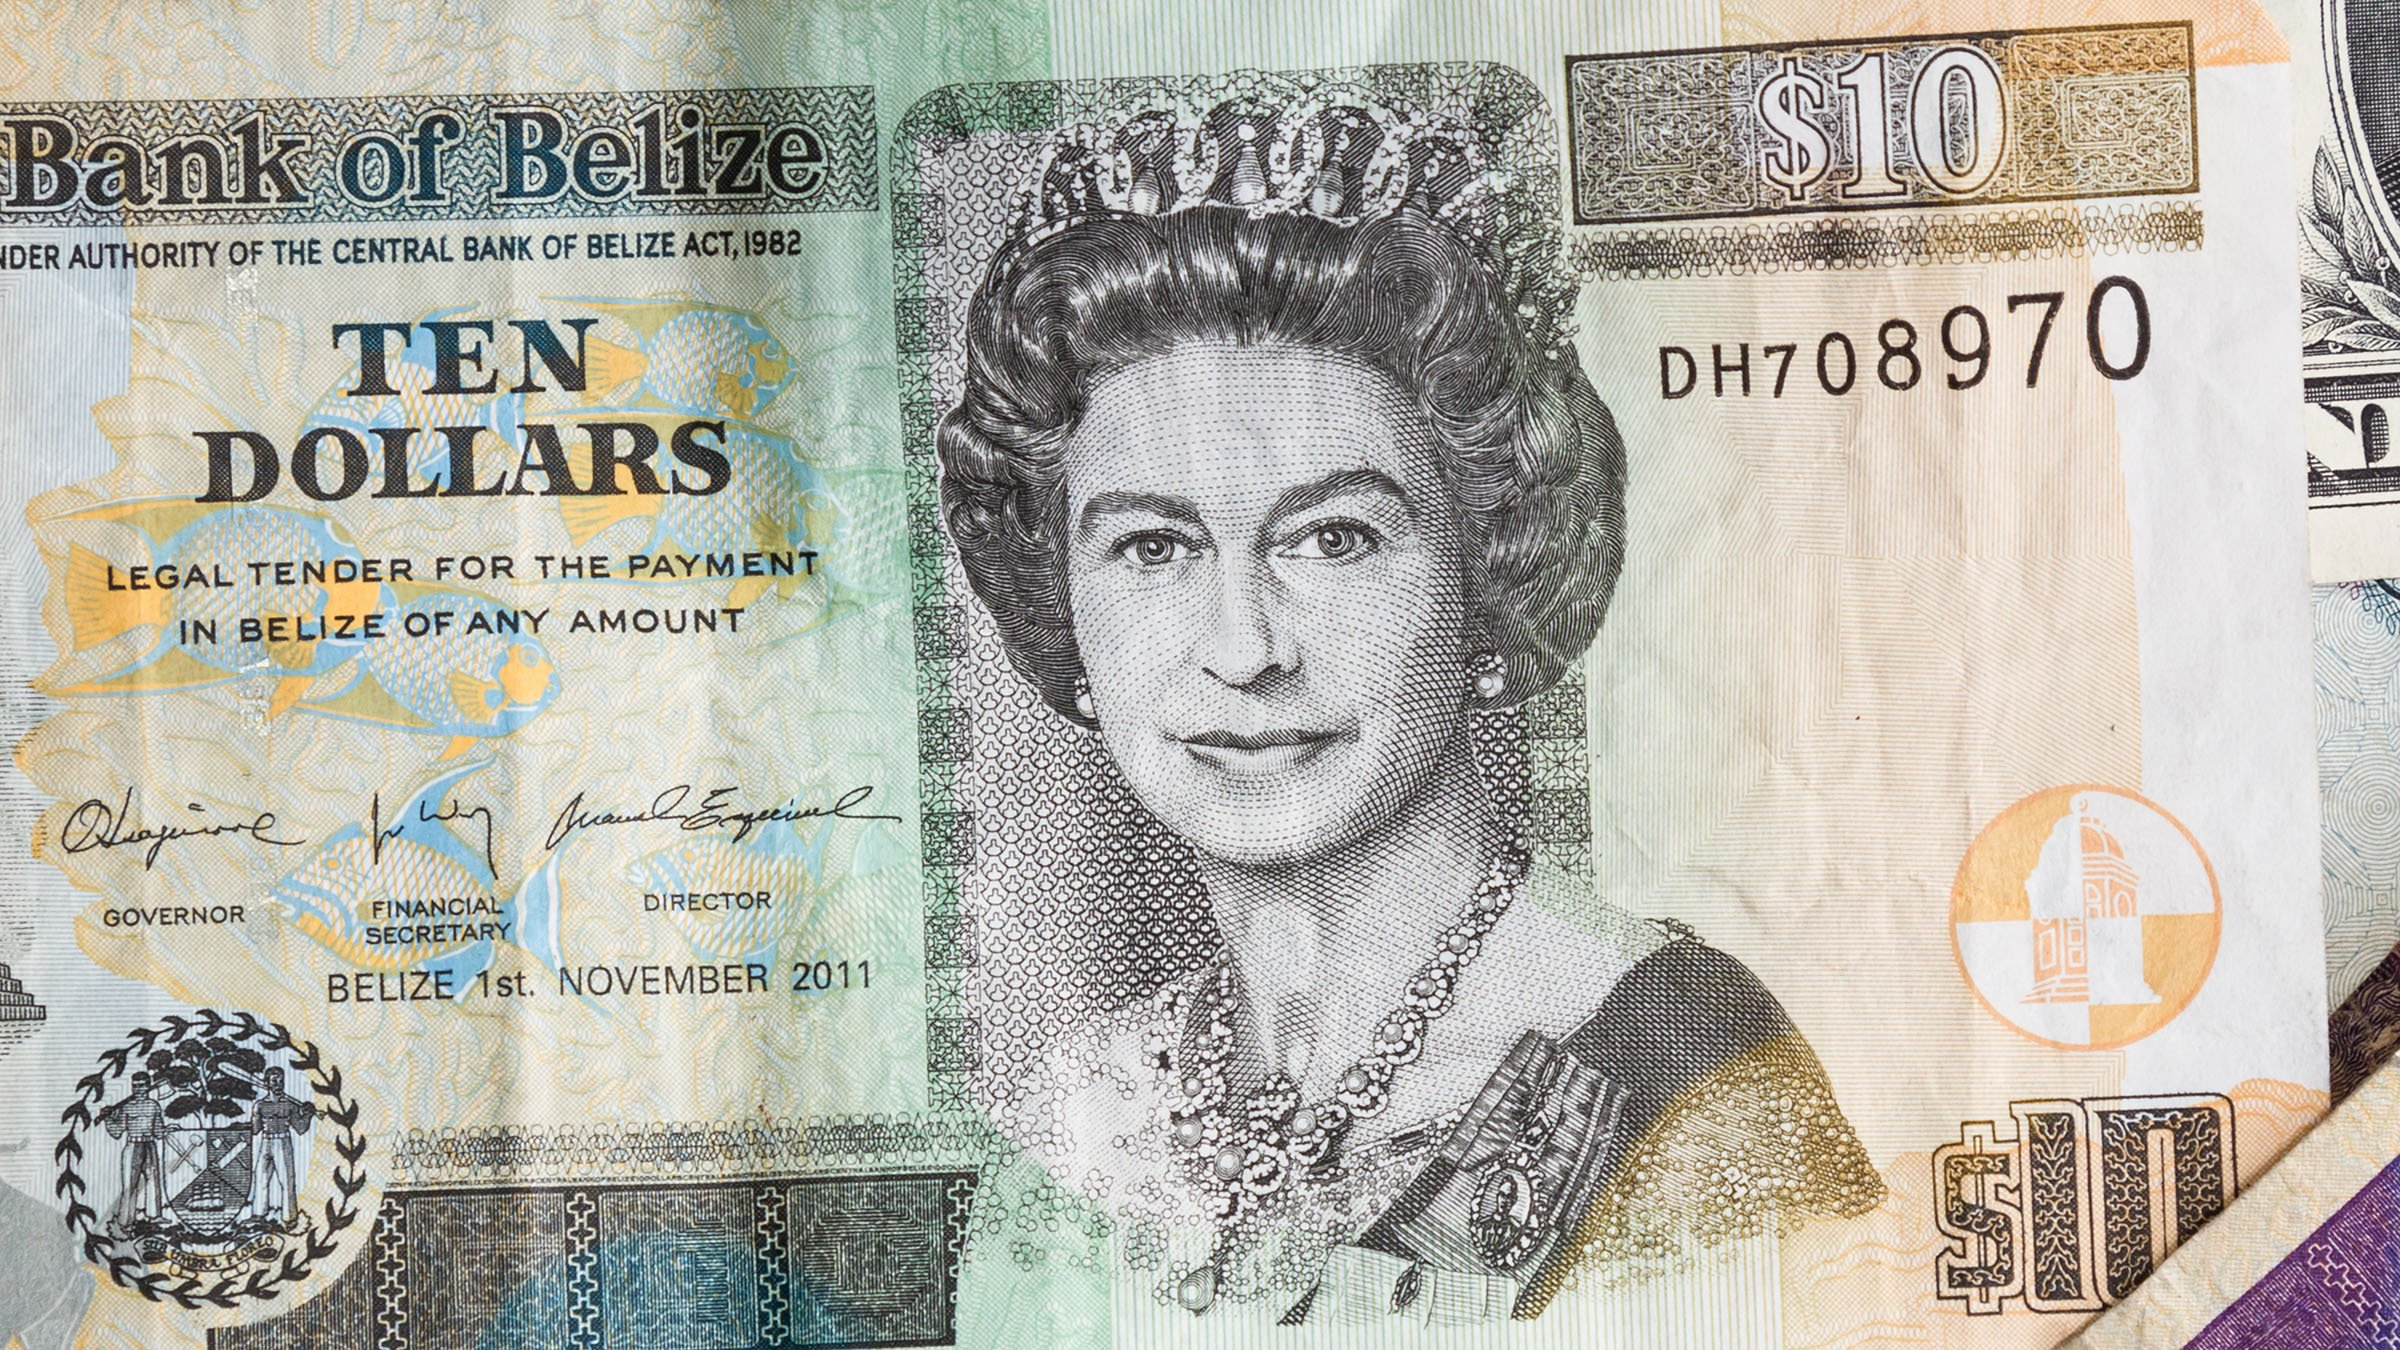 El dólar beliceño: características, valor y tipo de cambio